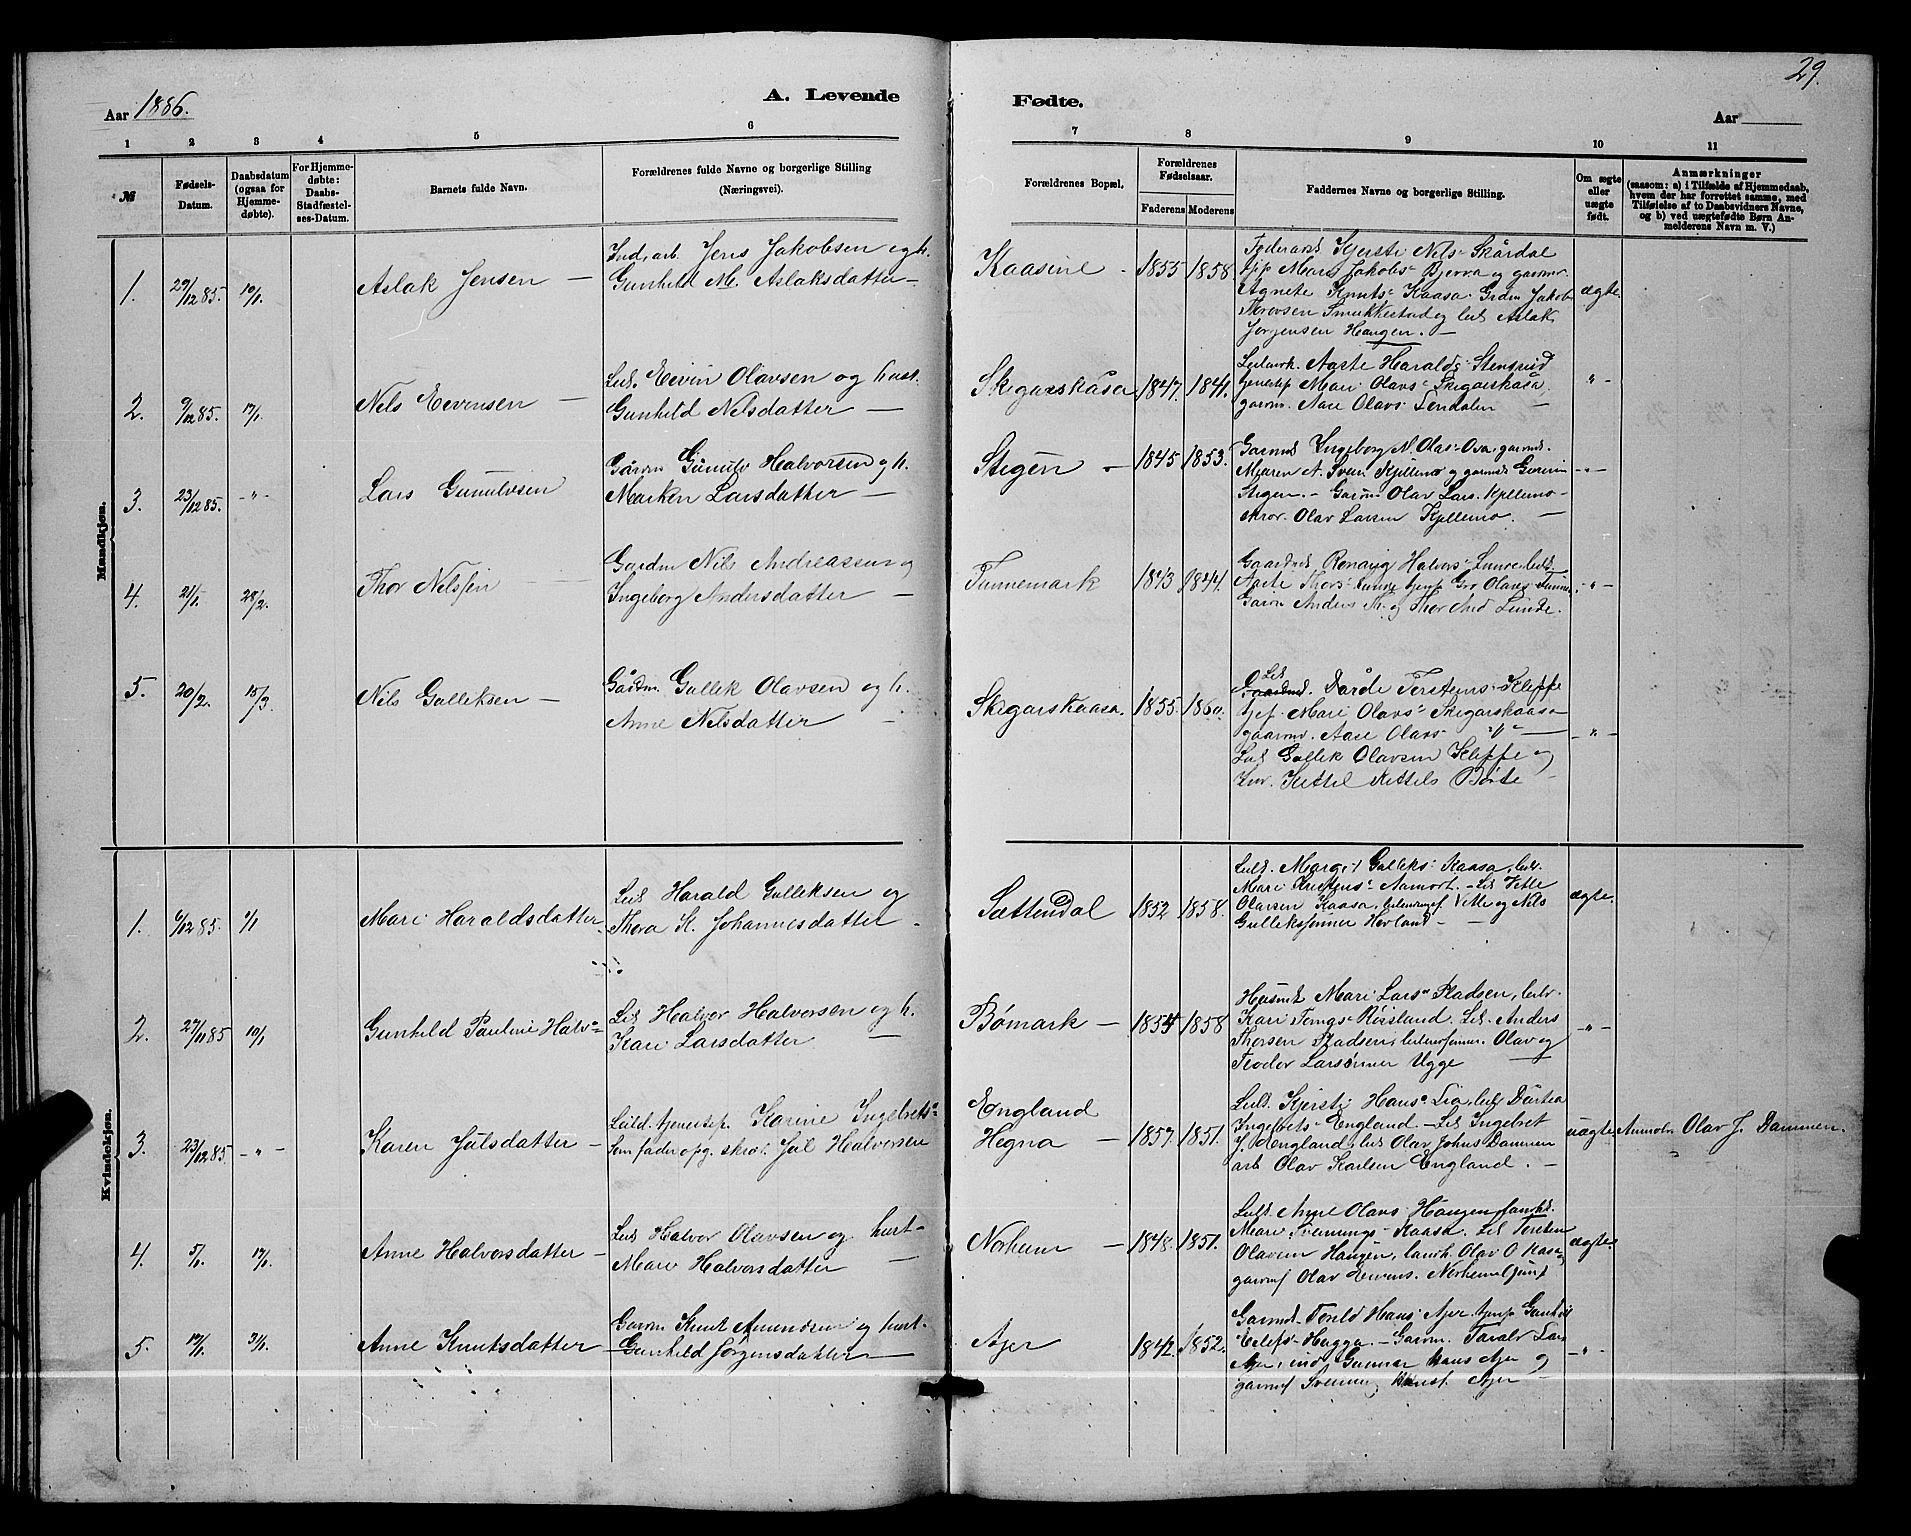 SAKO, Lunde kirkebøker, G/Ga/L0001b: Klokkerbok nr. I 1, 1879-1887, s. 29